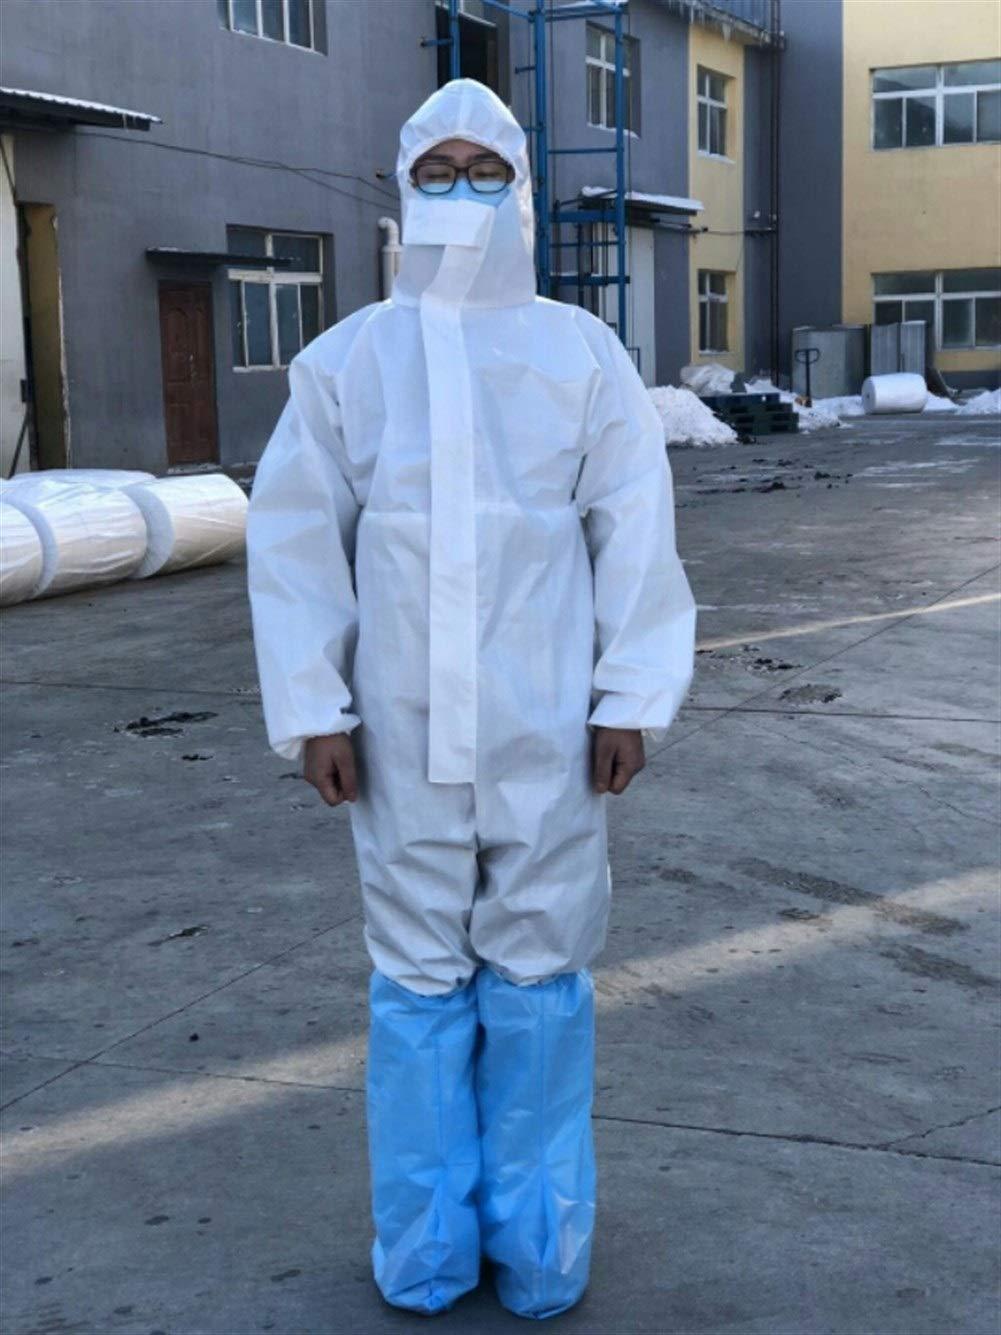 HZTWS Traje De Protección De La Ropa De Protección Química Con La Ropa De Plaguicidas Virus A Prueba De Polvo Del Casquillo De Líquido Anti-ácido De Trabajo (3/4/5/6 Tipo) (Color : 5PACK):